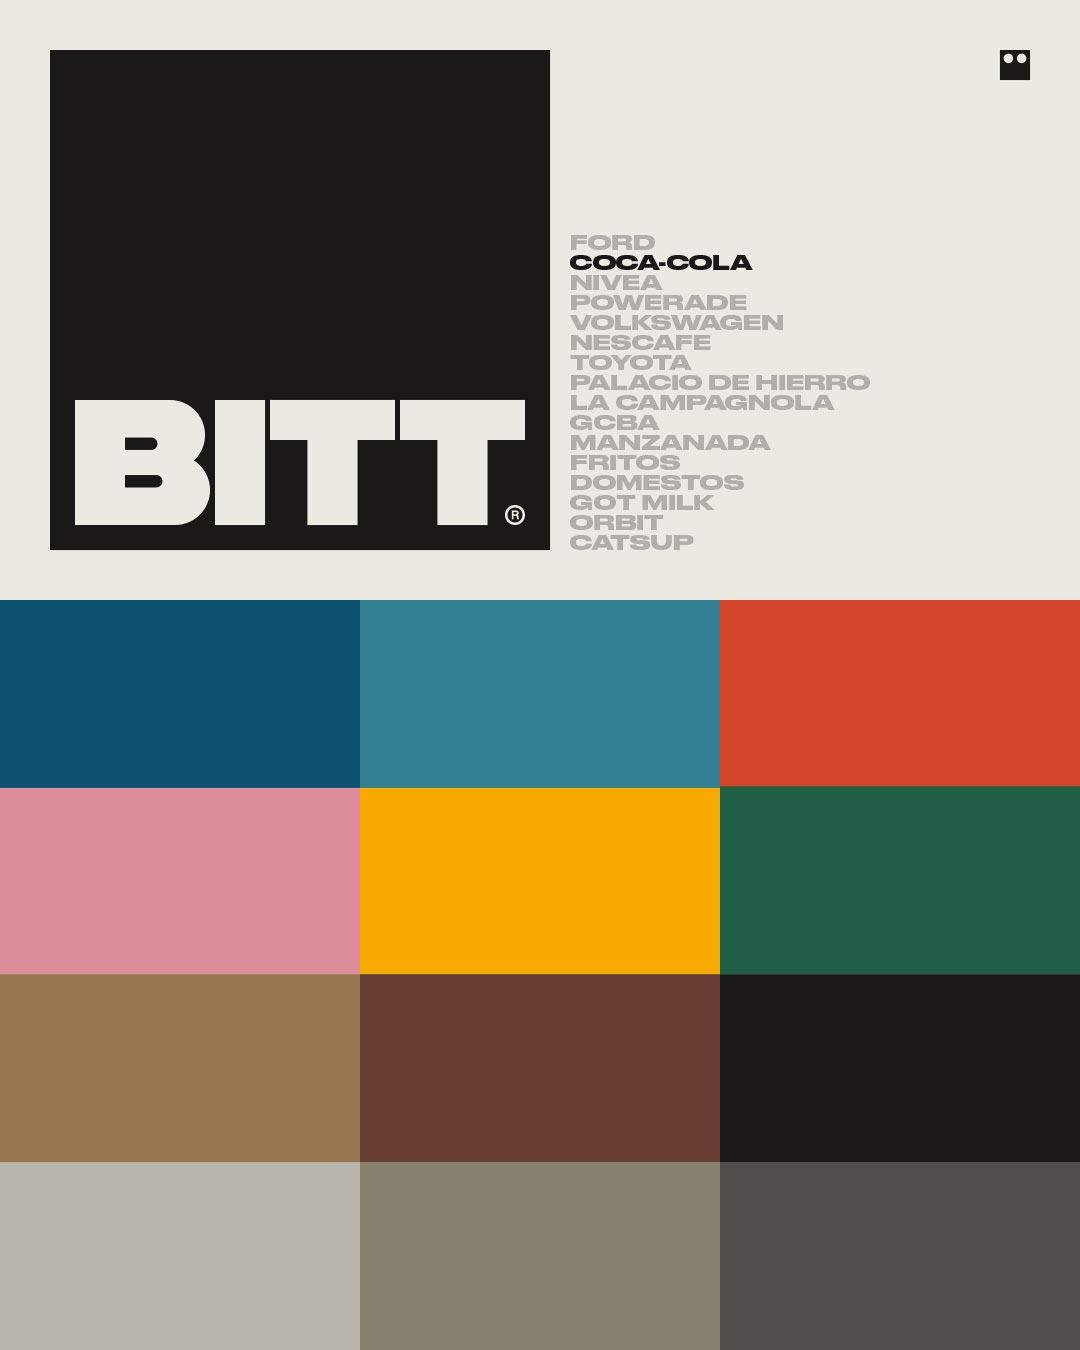 BITT_07